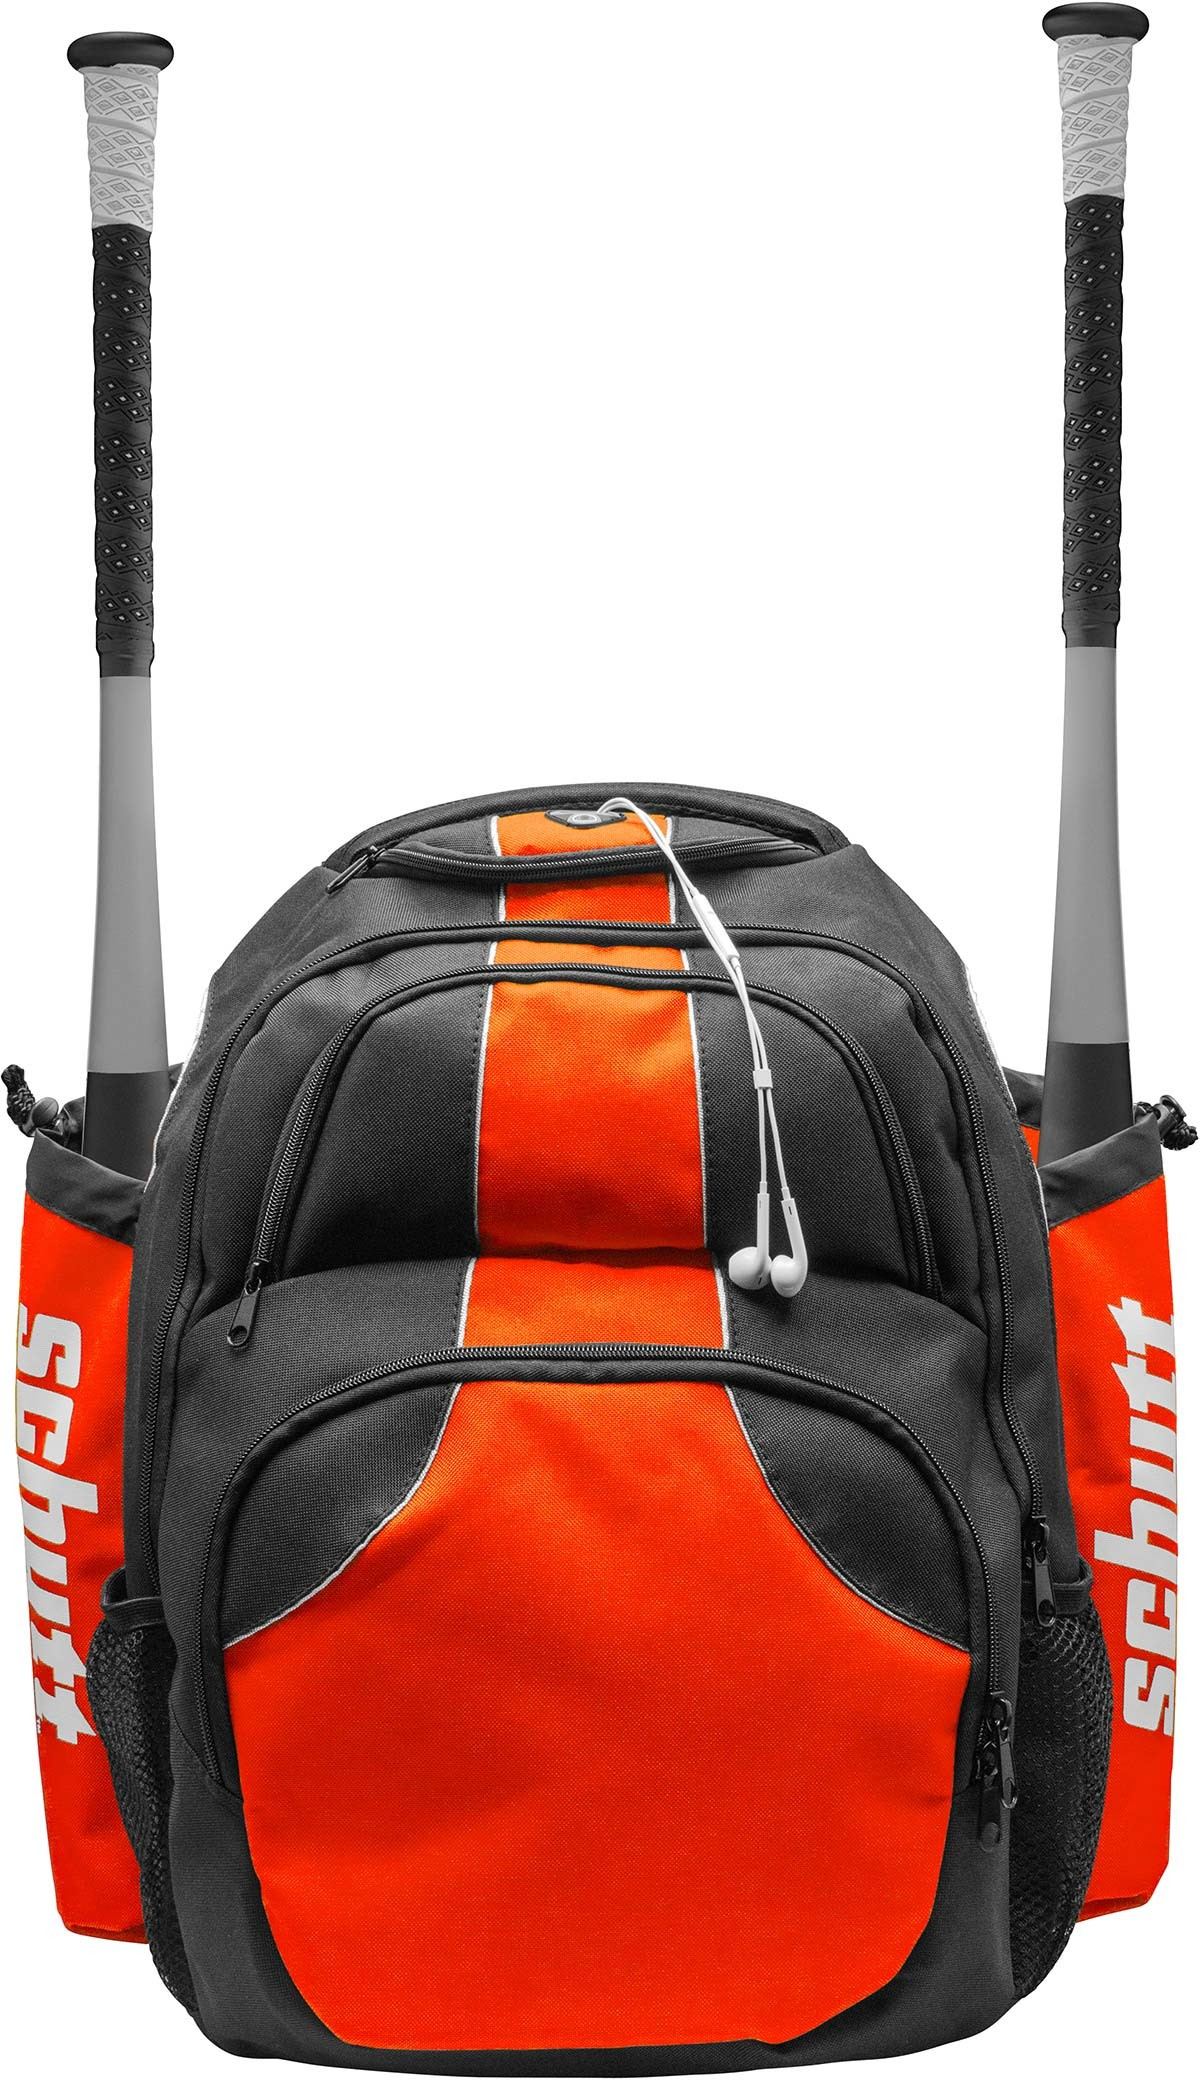 e352756457a6 Schutt Large Team Equipment Bag Schutt Sports 12845506 Christmas ...